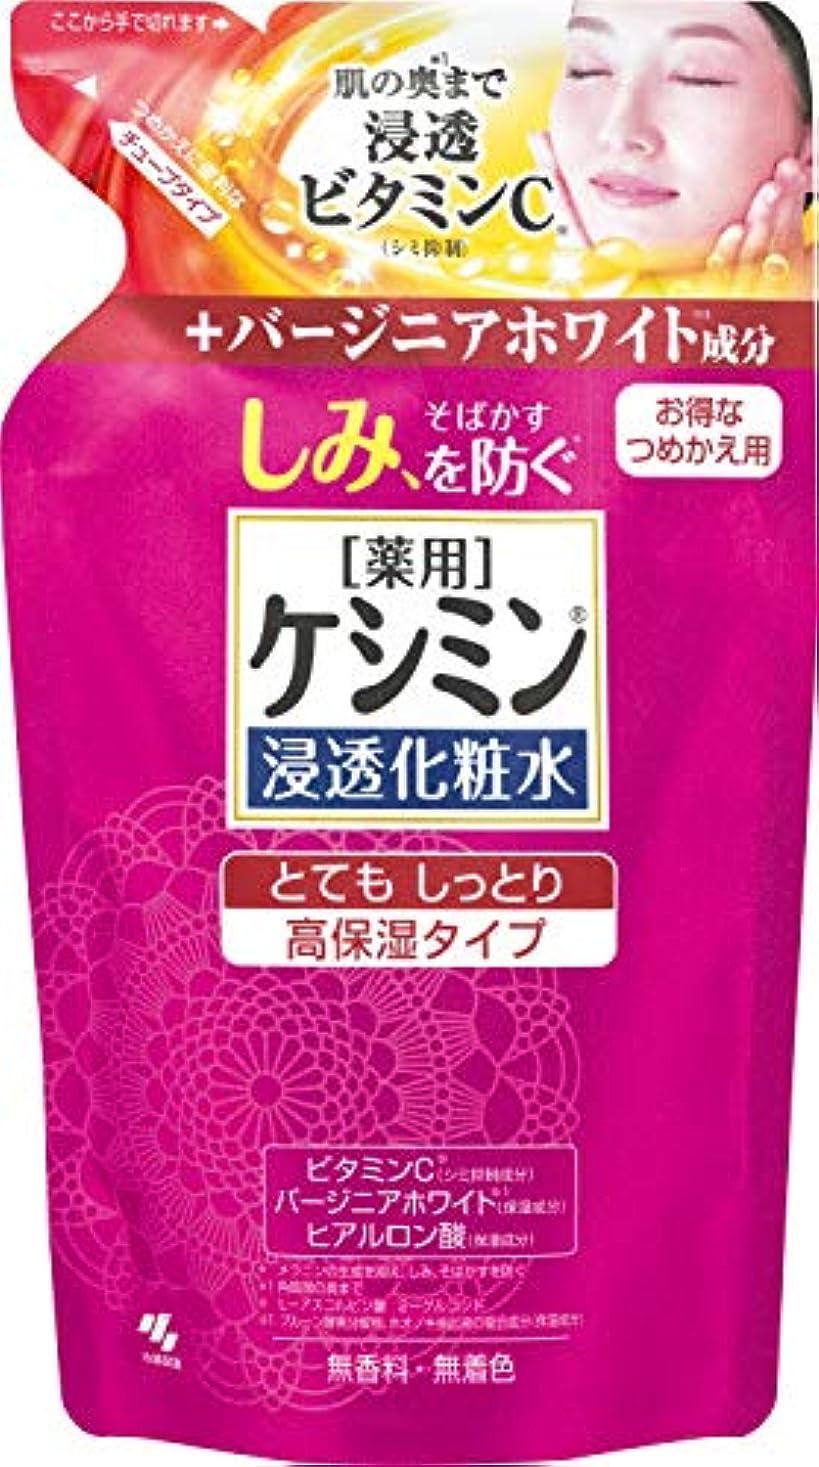 透けるマトロン紳士気取りの、きざなケシミン浸透化粧水 とてもしっとり 詰め替え用 シミを防ぐ 140ml 【医薬部外品】